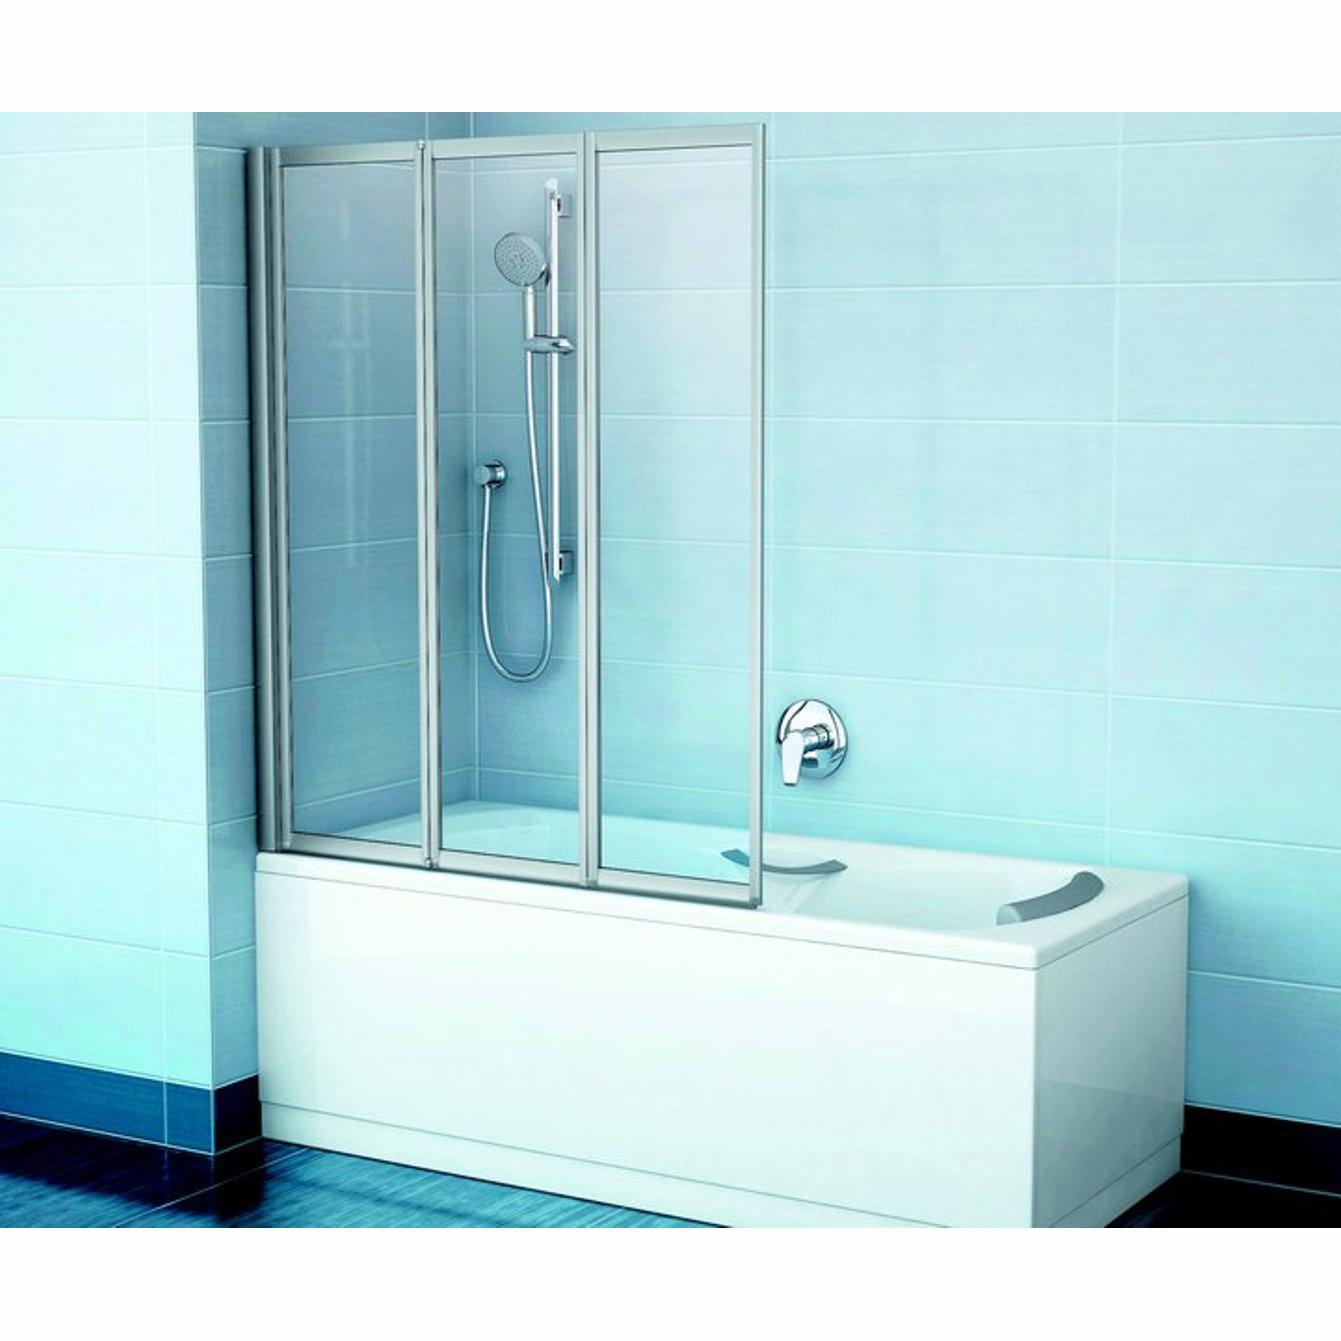 Шторка для ванны Ravak VS3 115 профиль хром, прозрачное стекло шторка на ванну ravak vs3 115 115х140 см рейн 795s010041